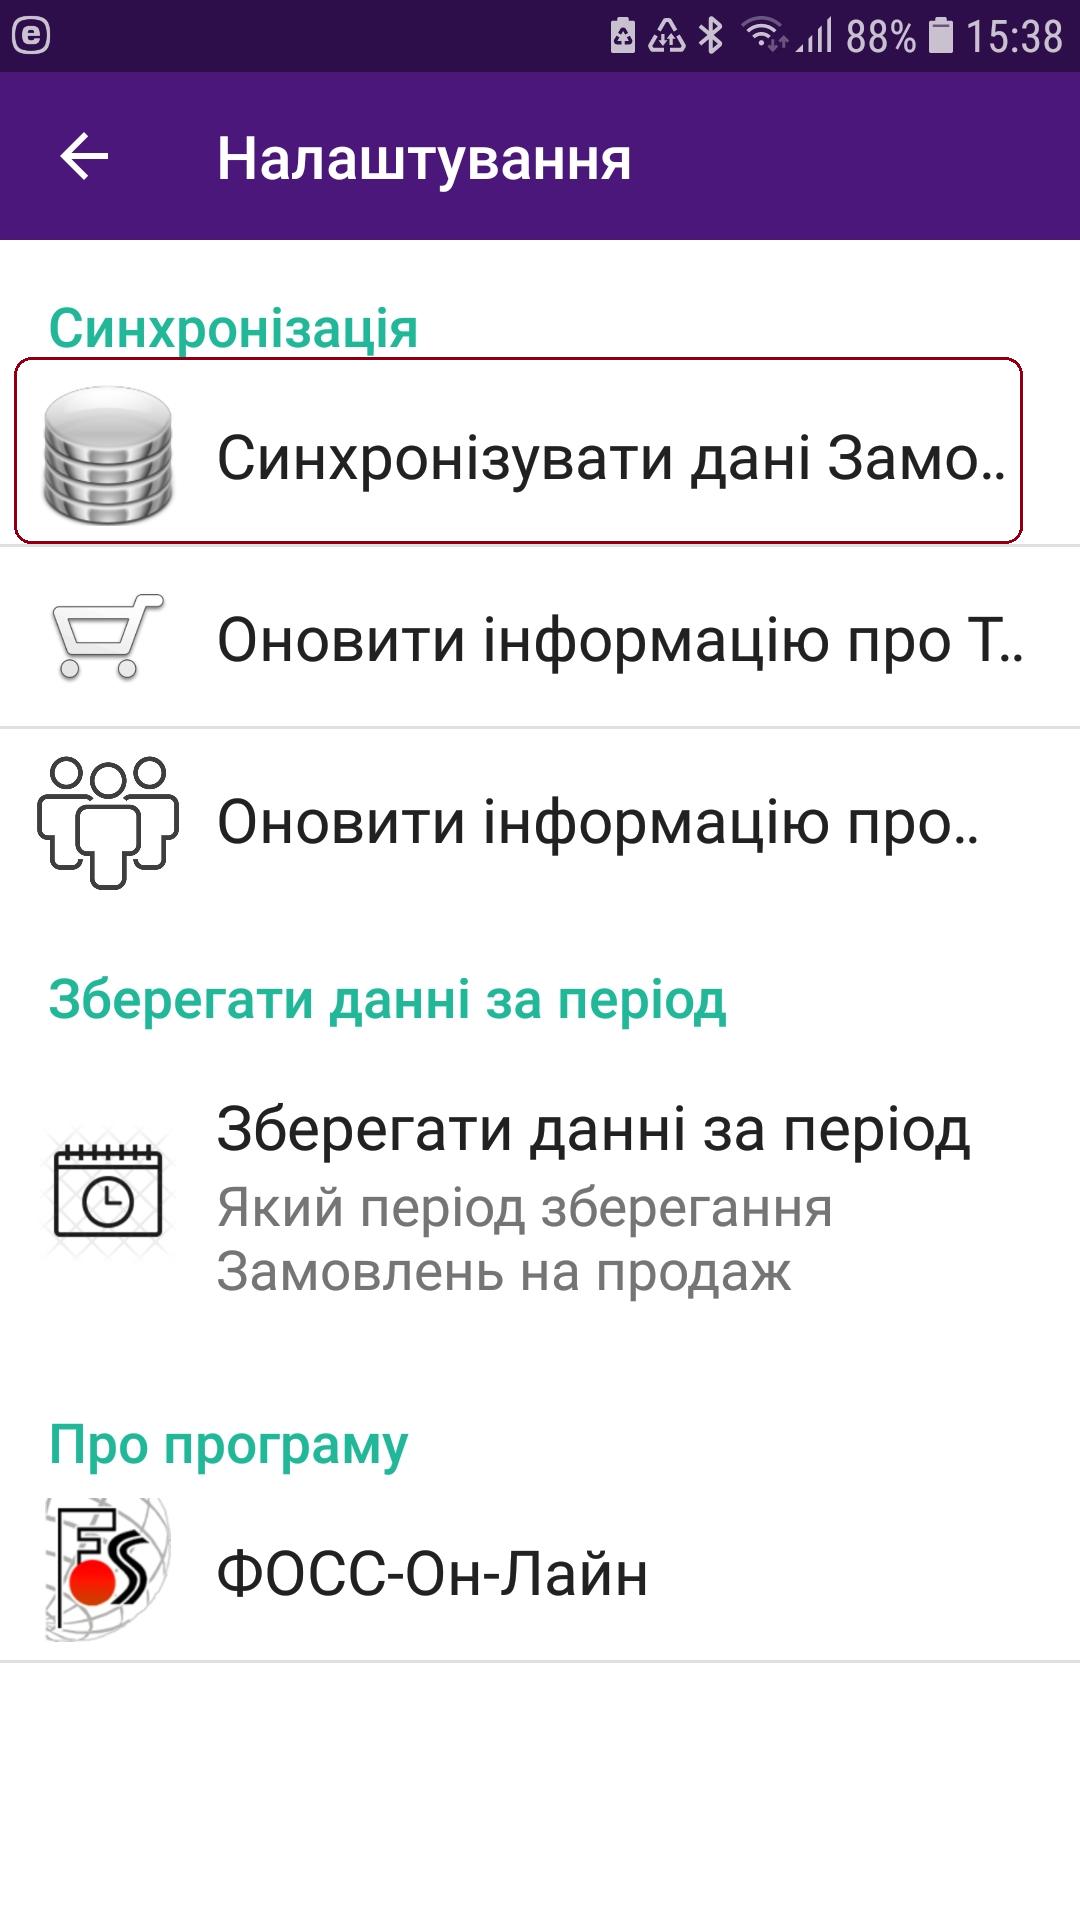 Синхронізація даних по Замовленням на продаж